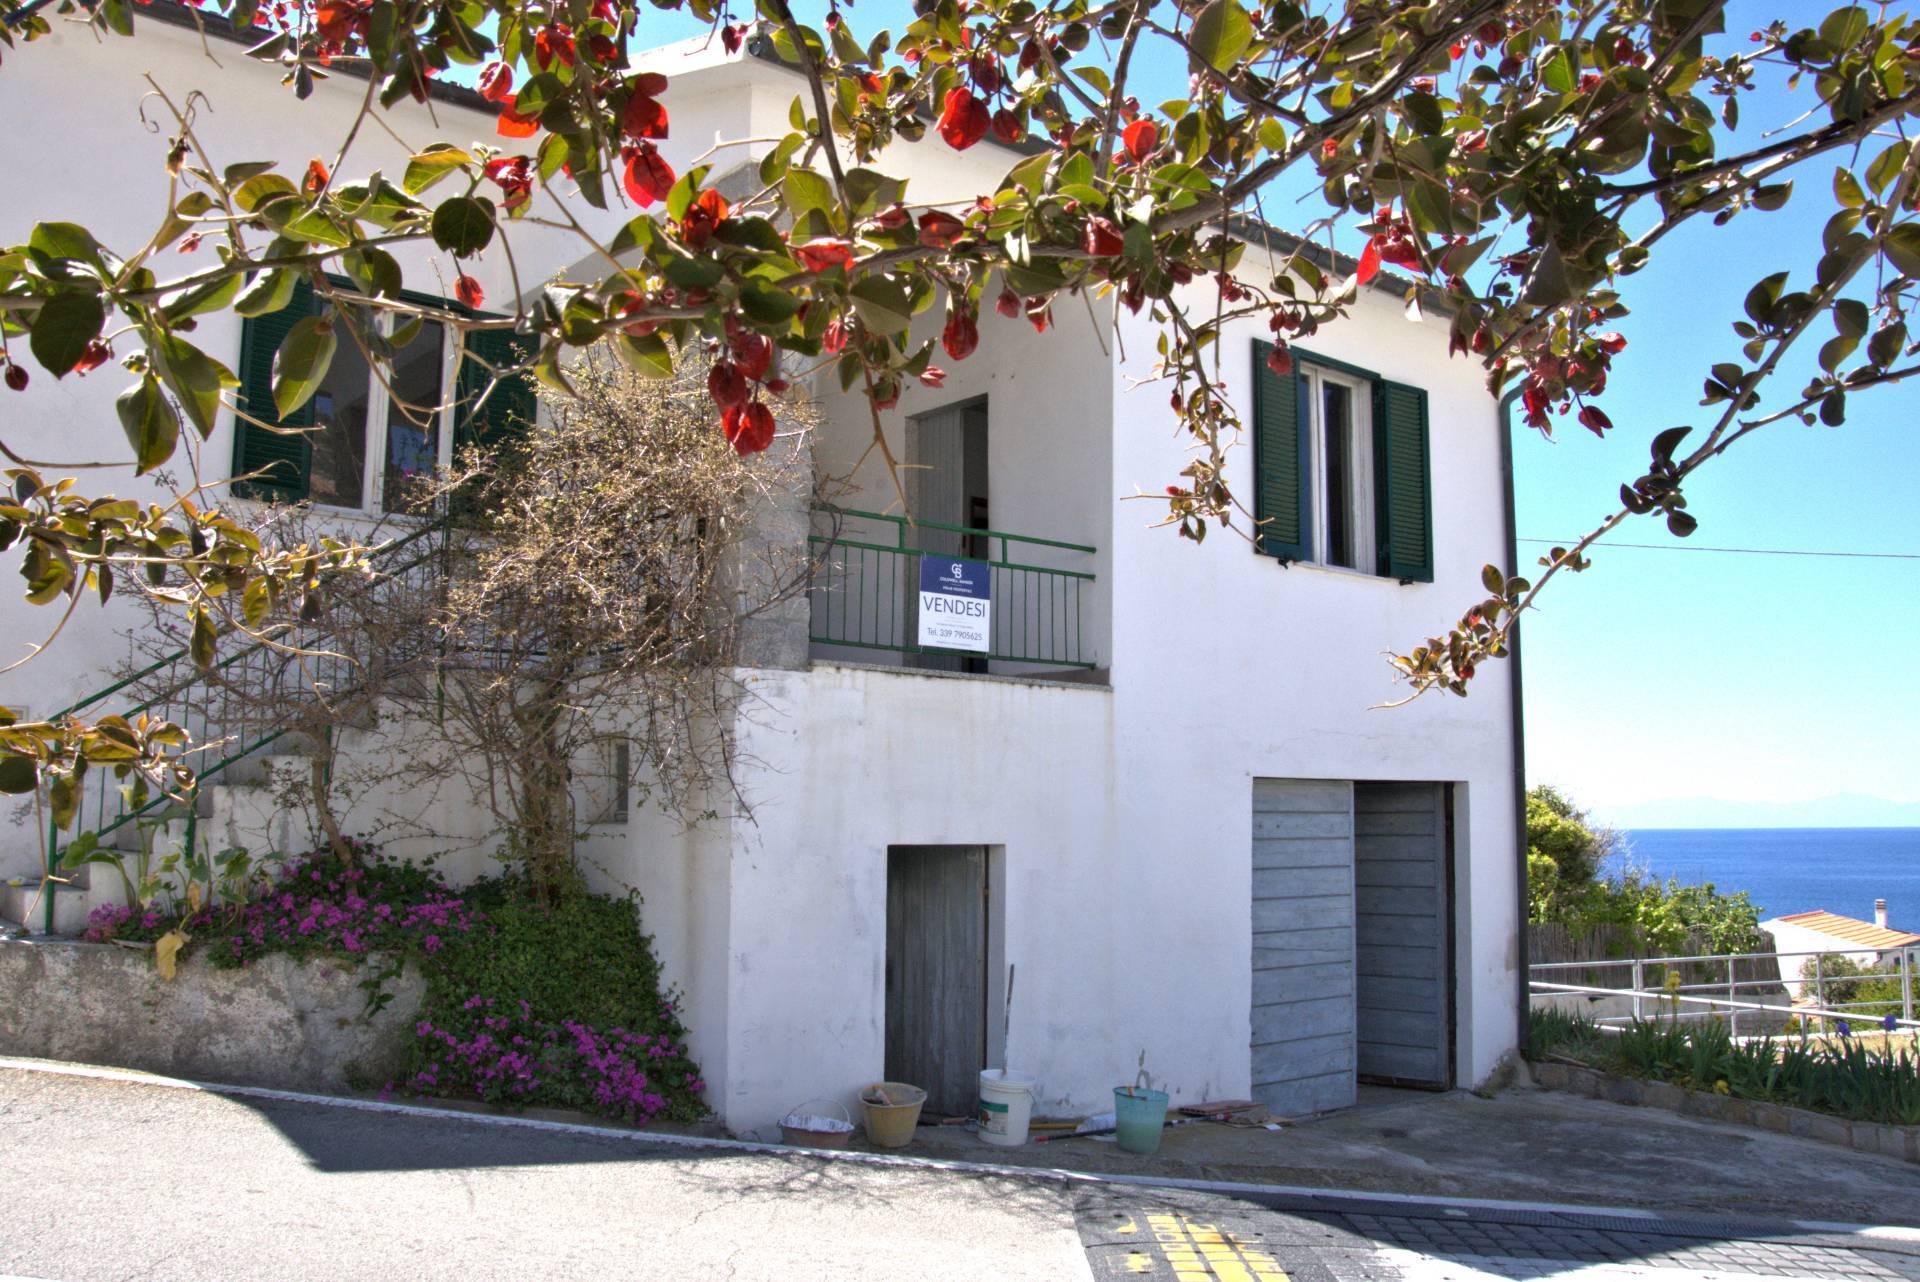 Villa in vendita a Marciana, 6 locali, zona Zona: Chiessi, prezzo € 600.000   CambioCasa.it